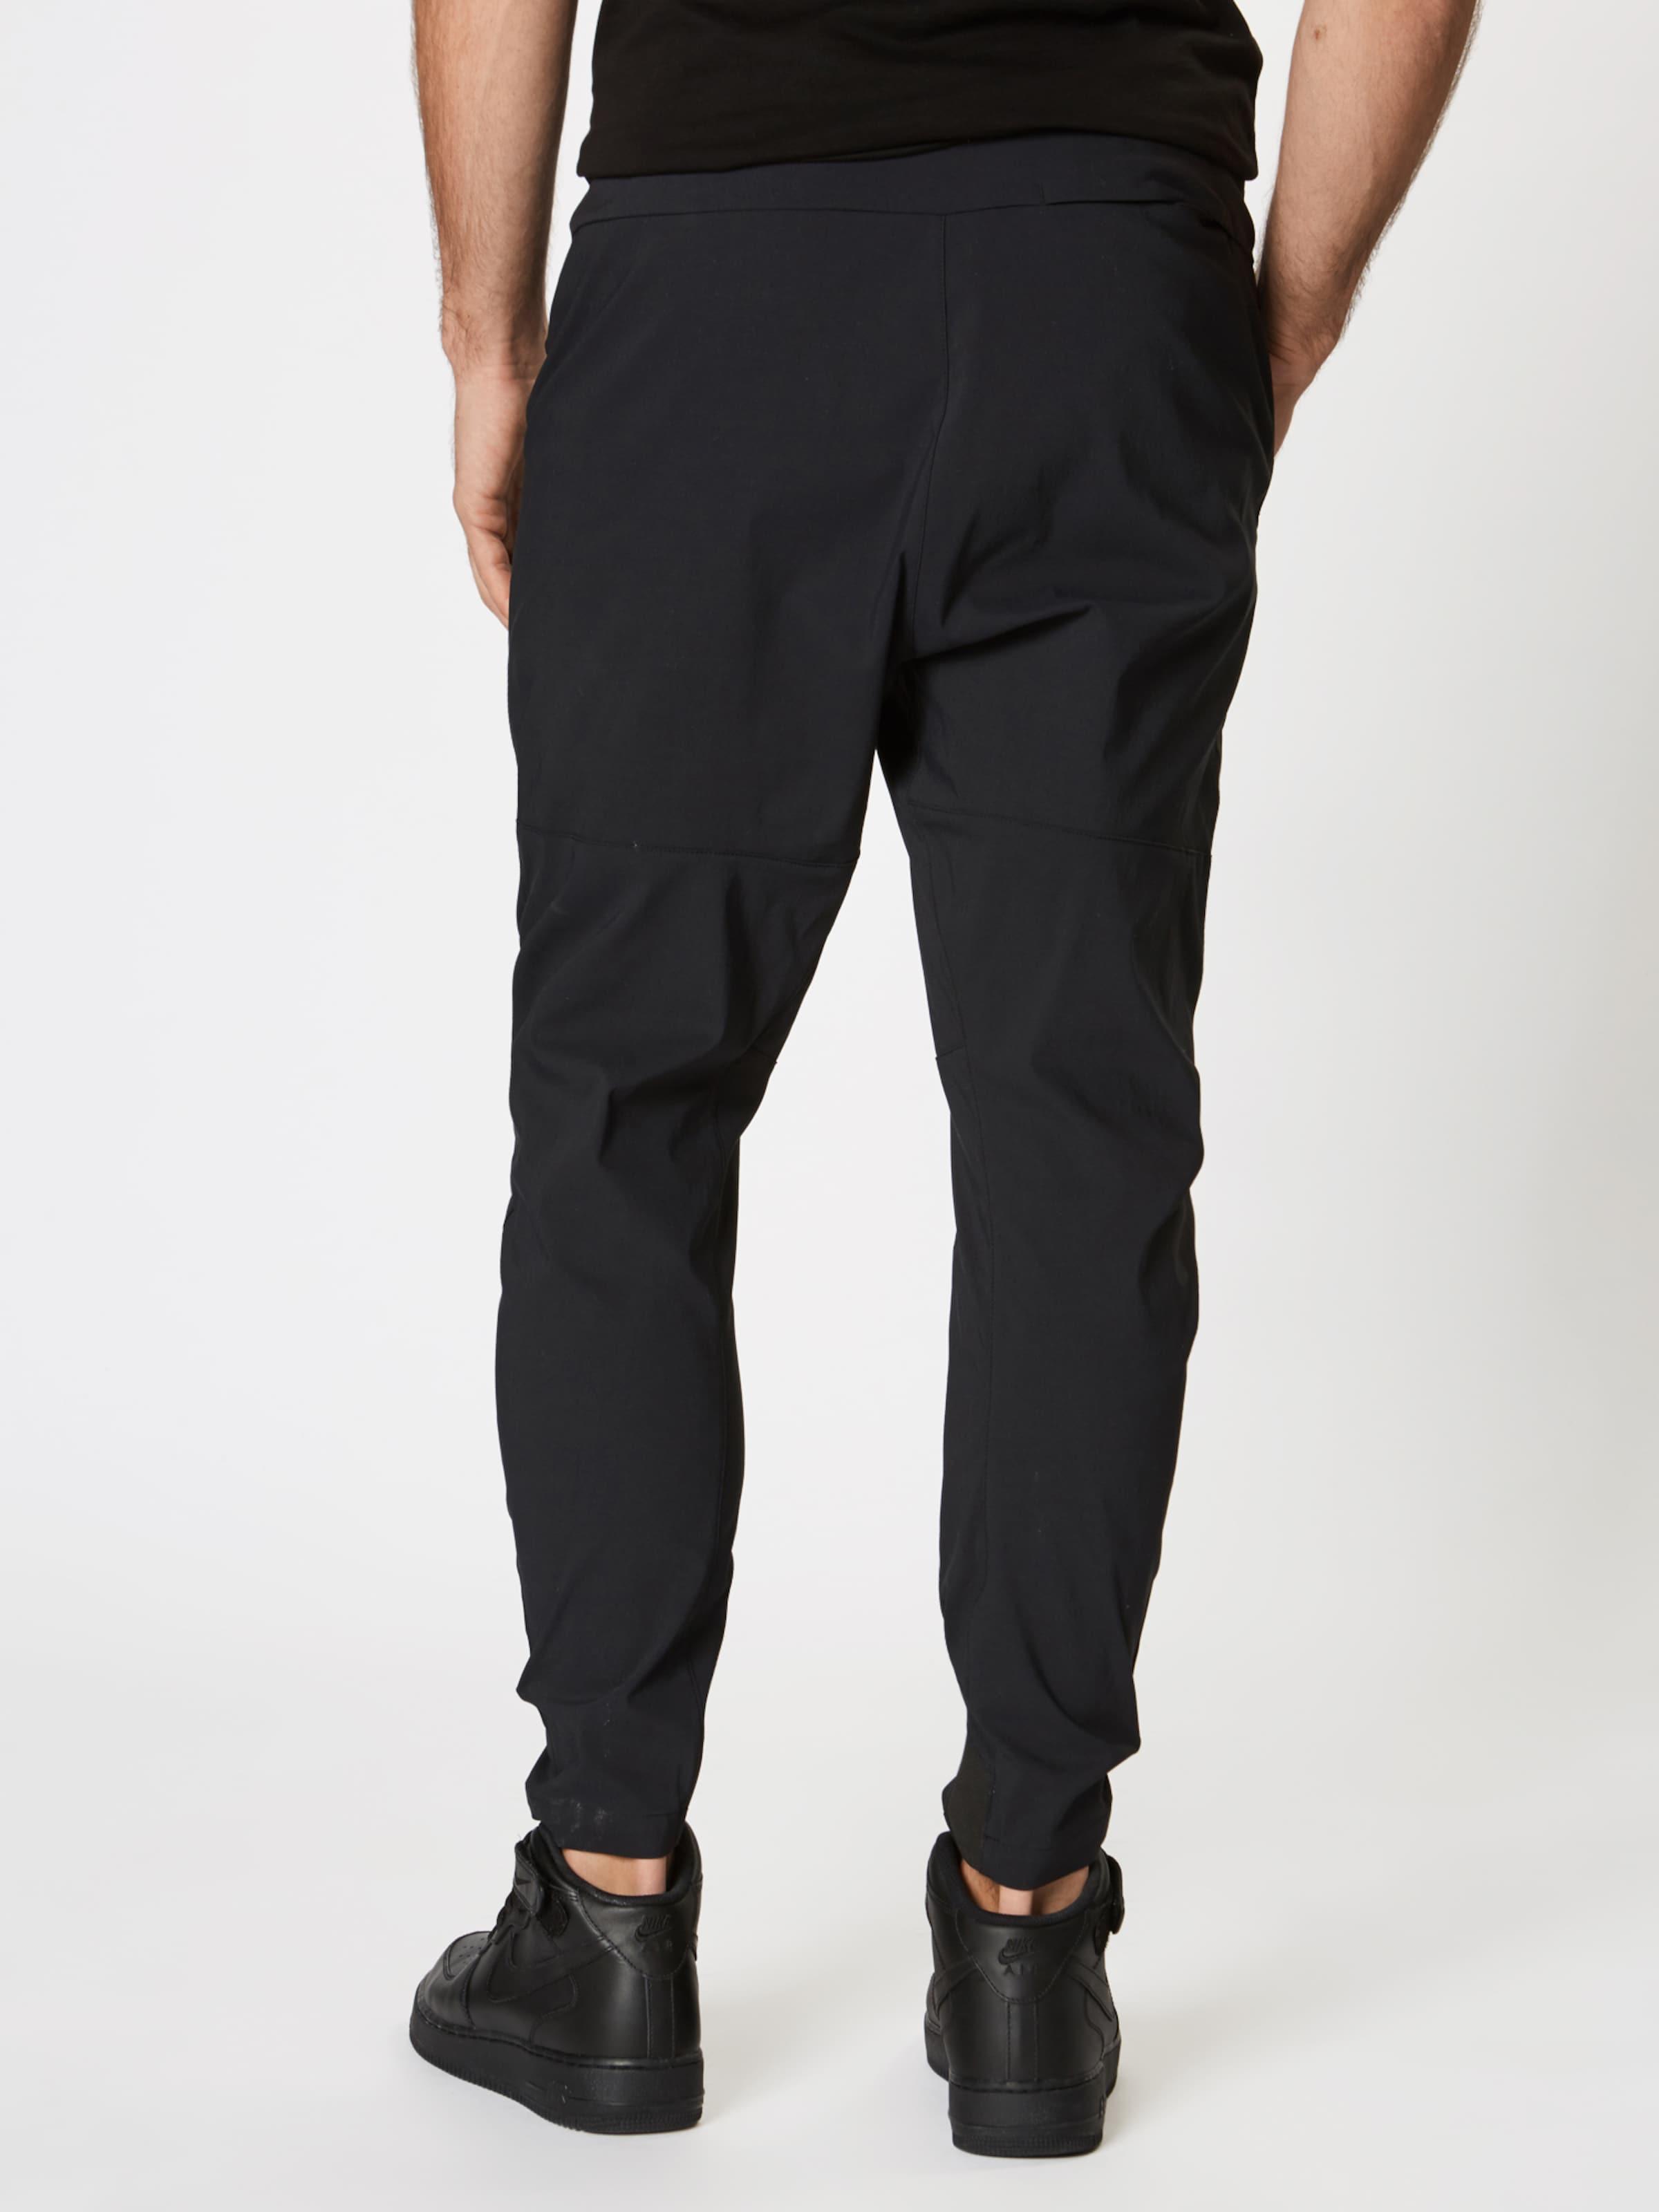 Hose Nike Schwarz In Hose Sportswear Nike Sportswear In TFK1lJc